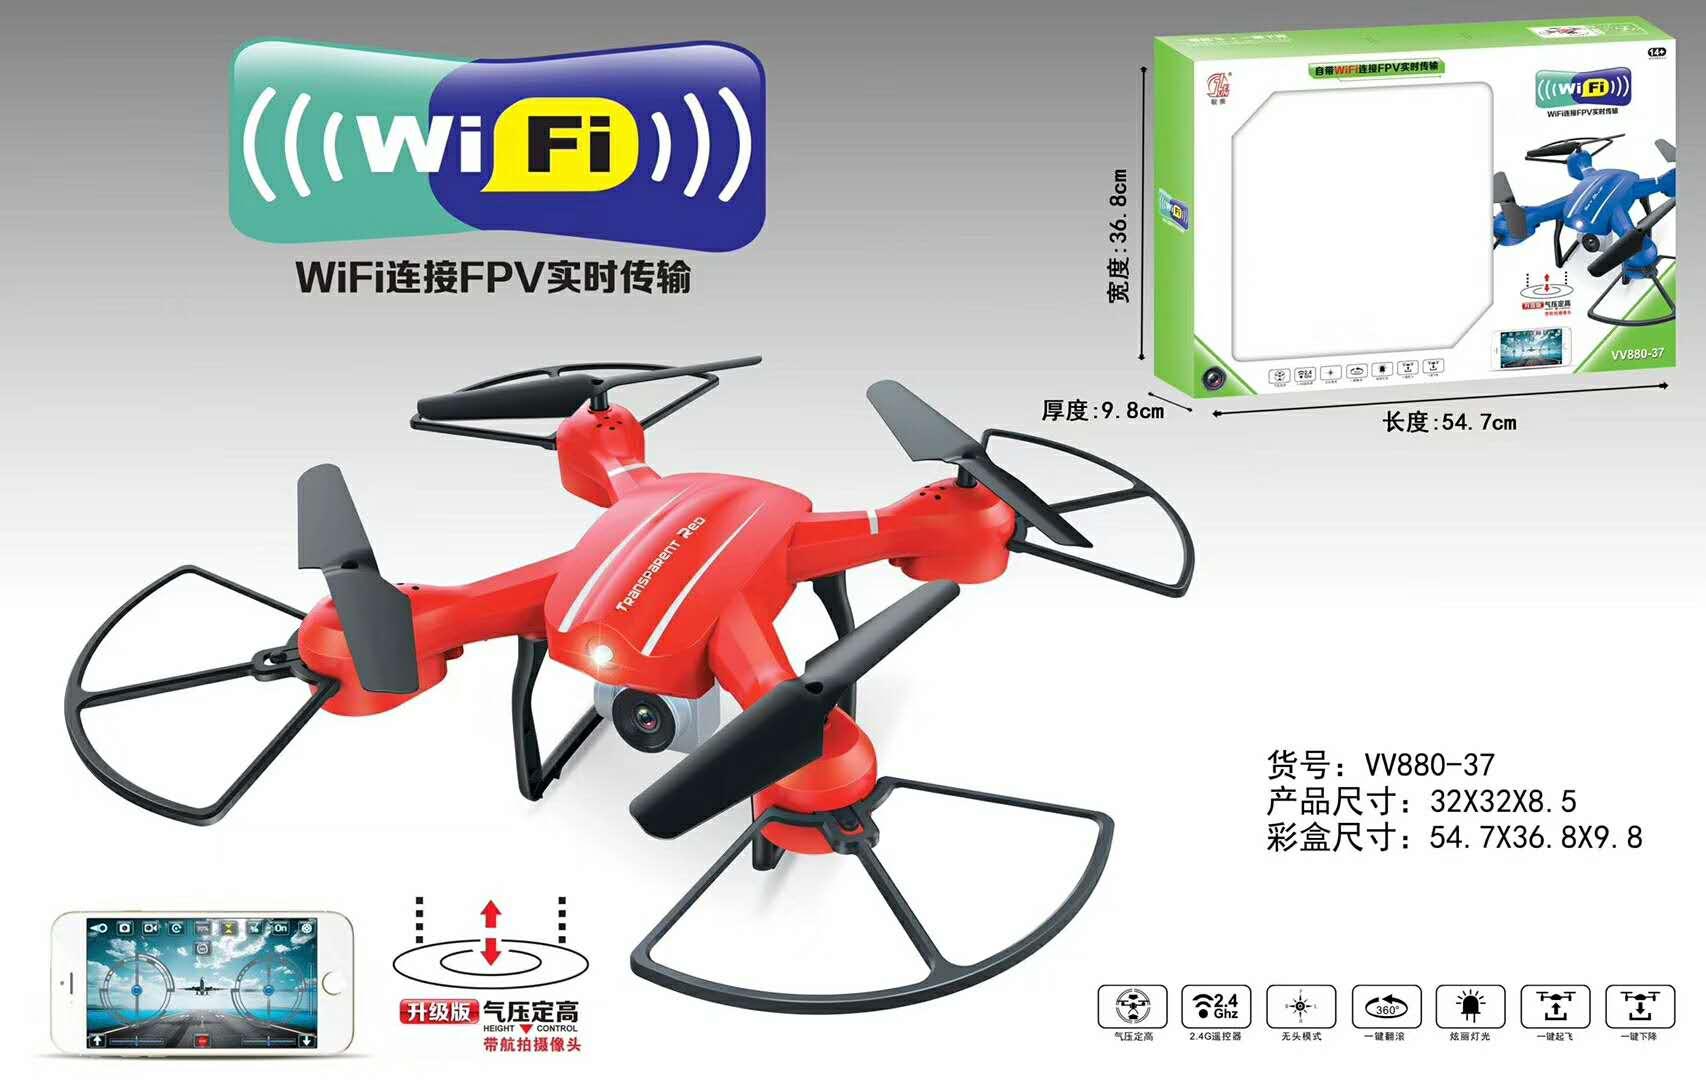 11-20新券骏乐无人航拍器遥控飞机儿童玩具